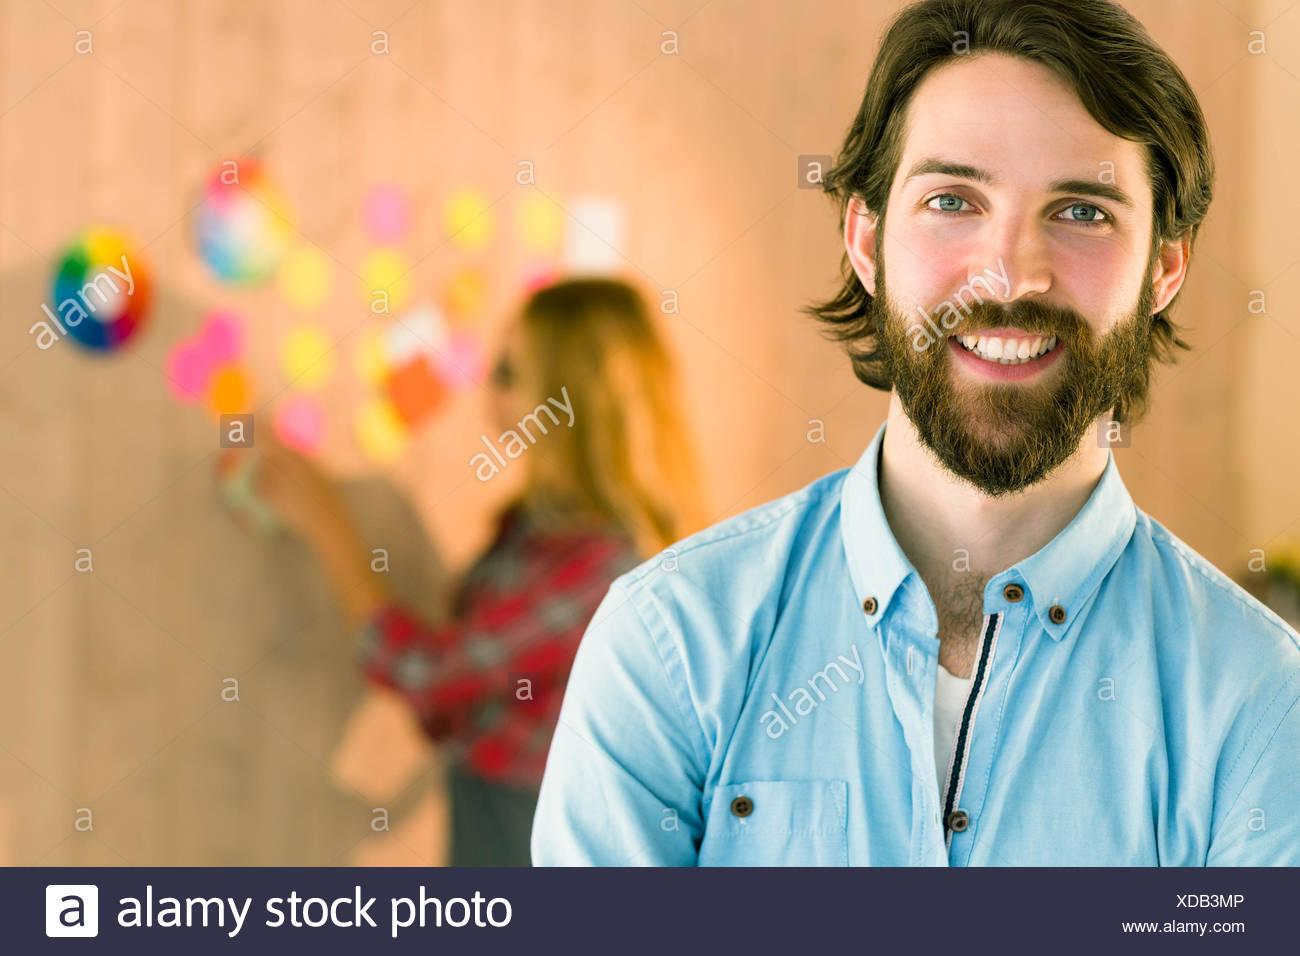 Hombre sonriendo a cámara creativos Imagen De Stock